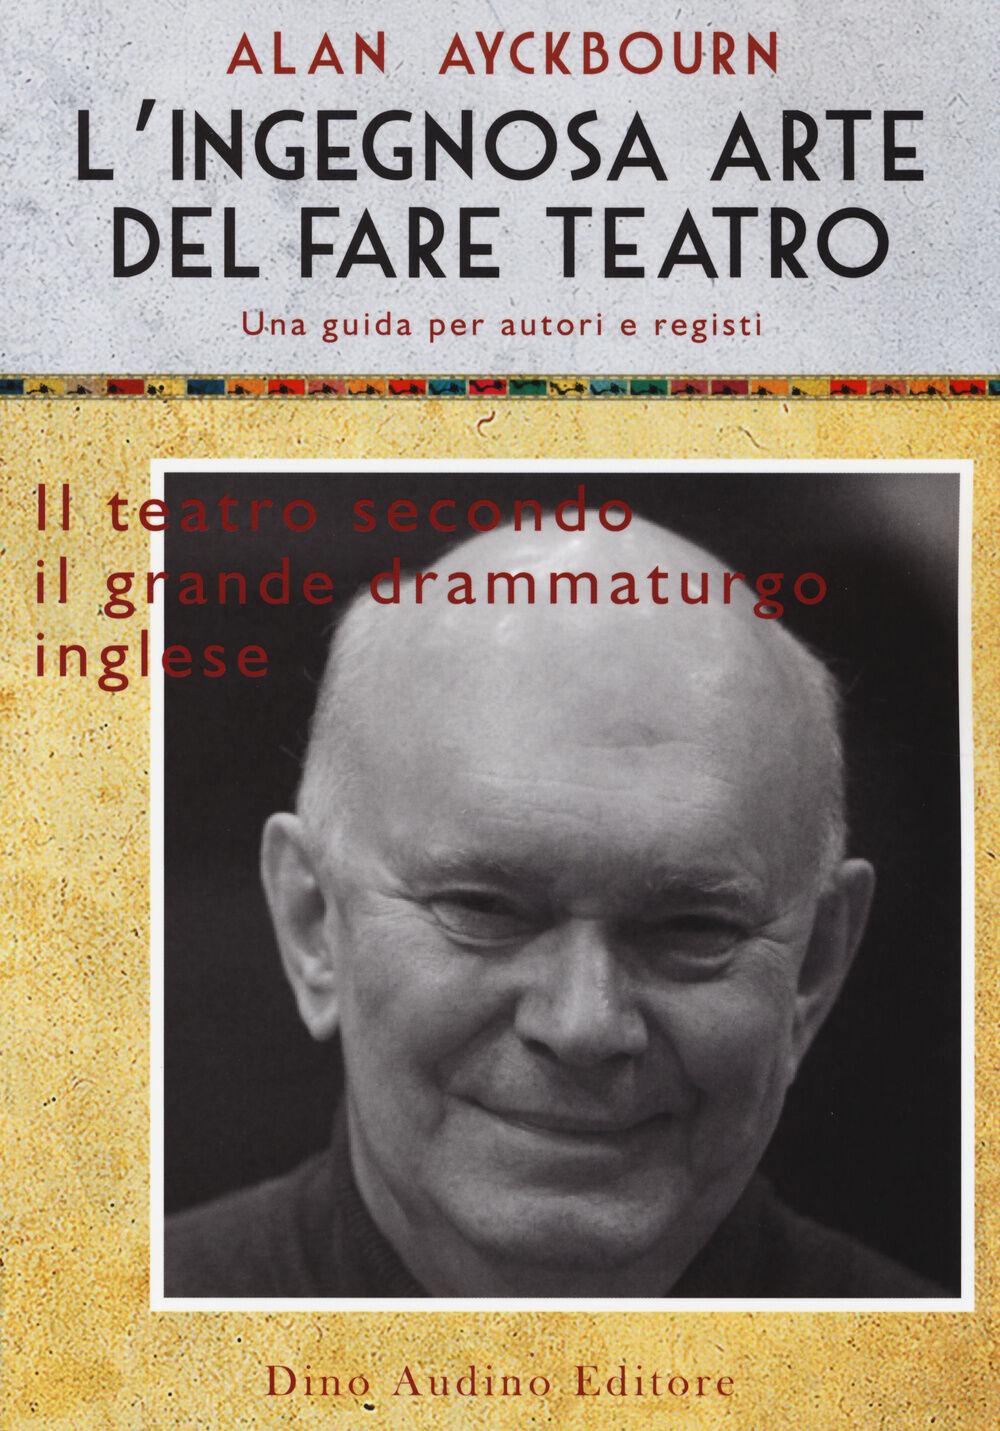 L' ingegnosa arte del fare teatro. Una guida per autori e registi